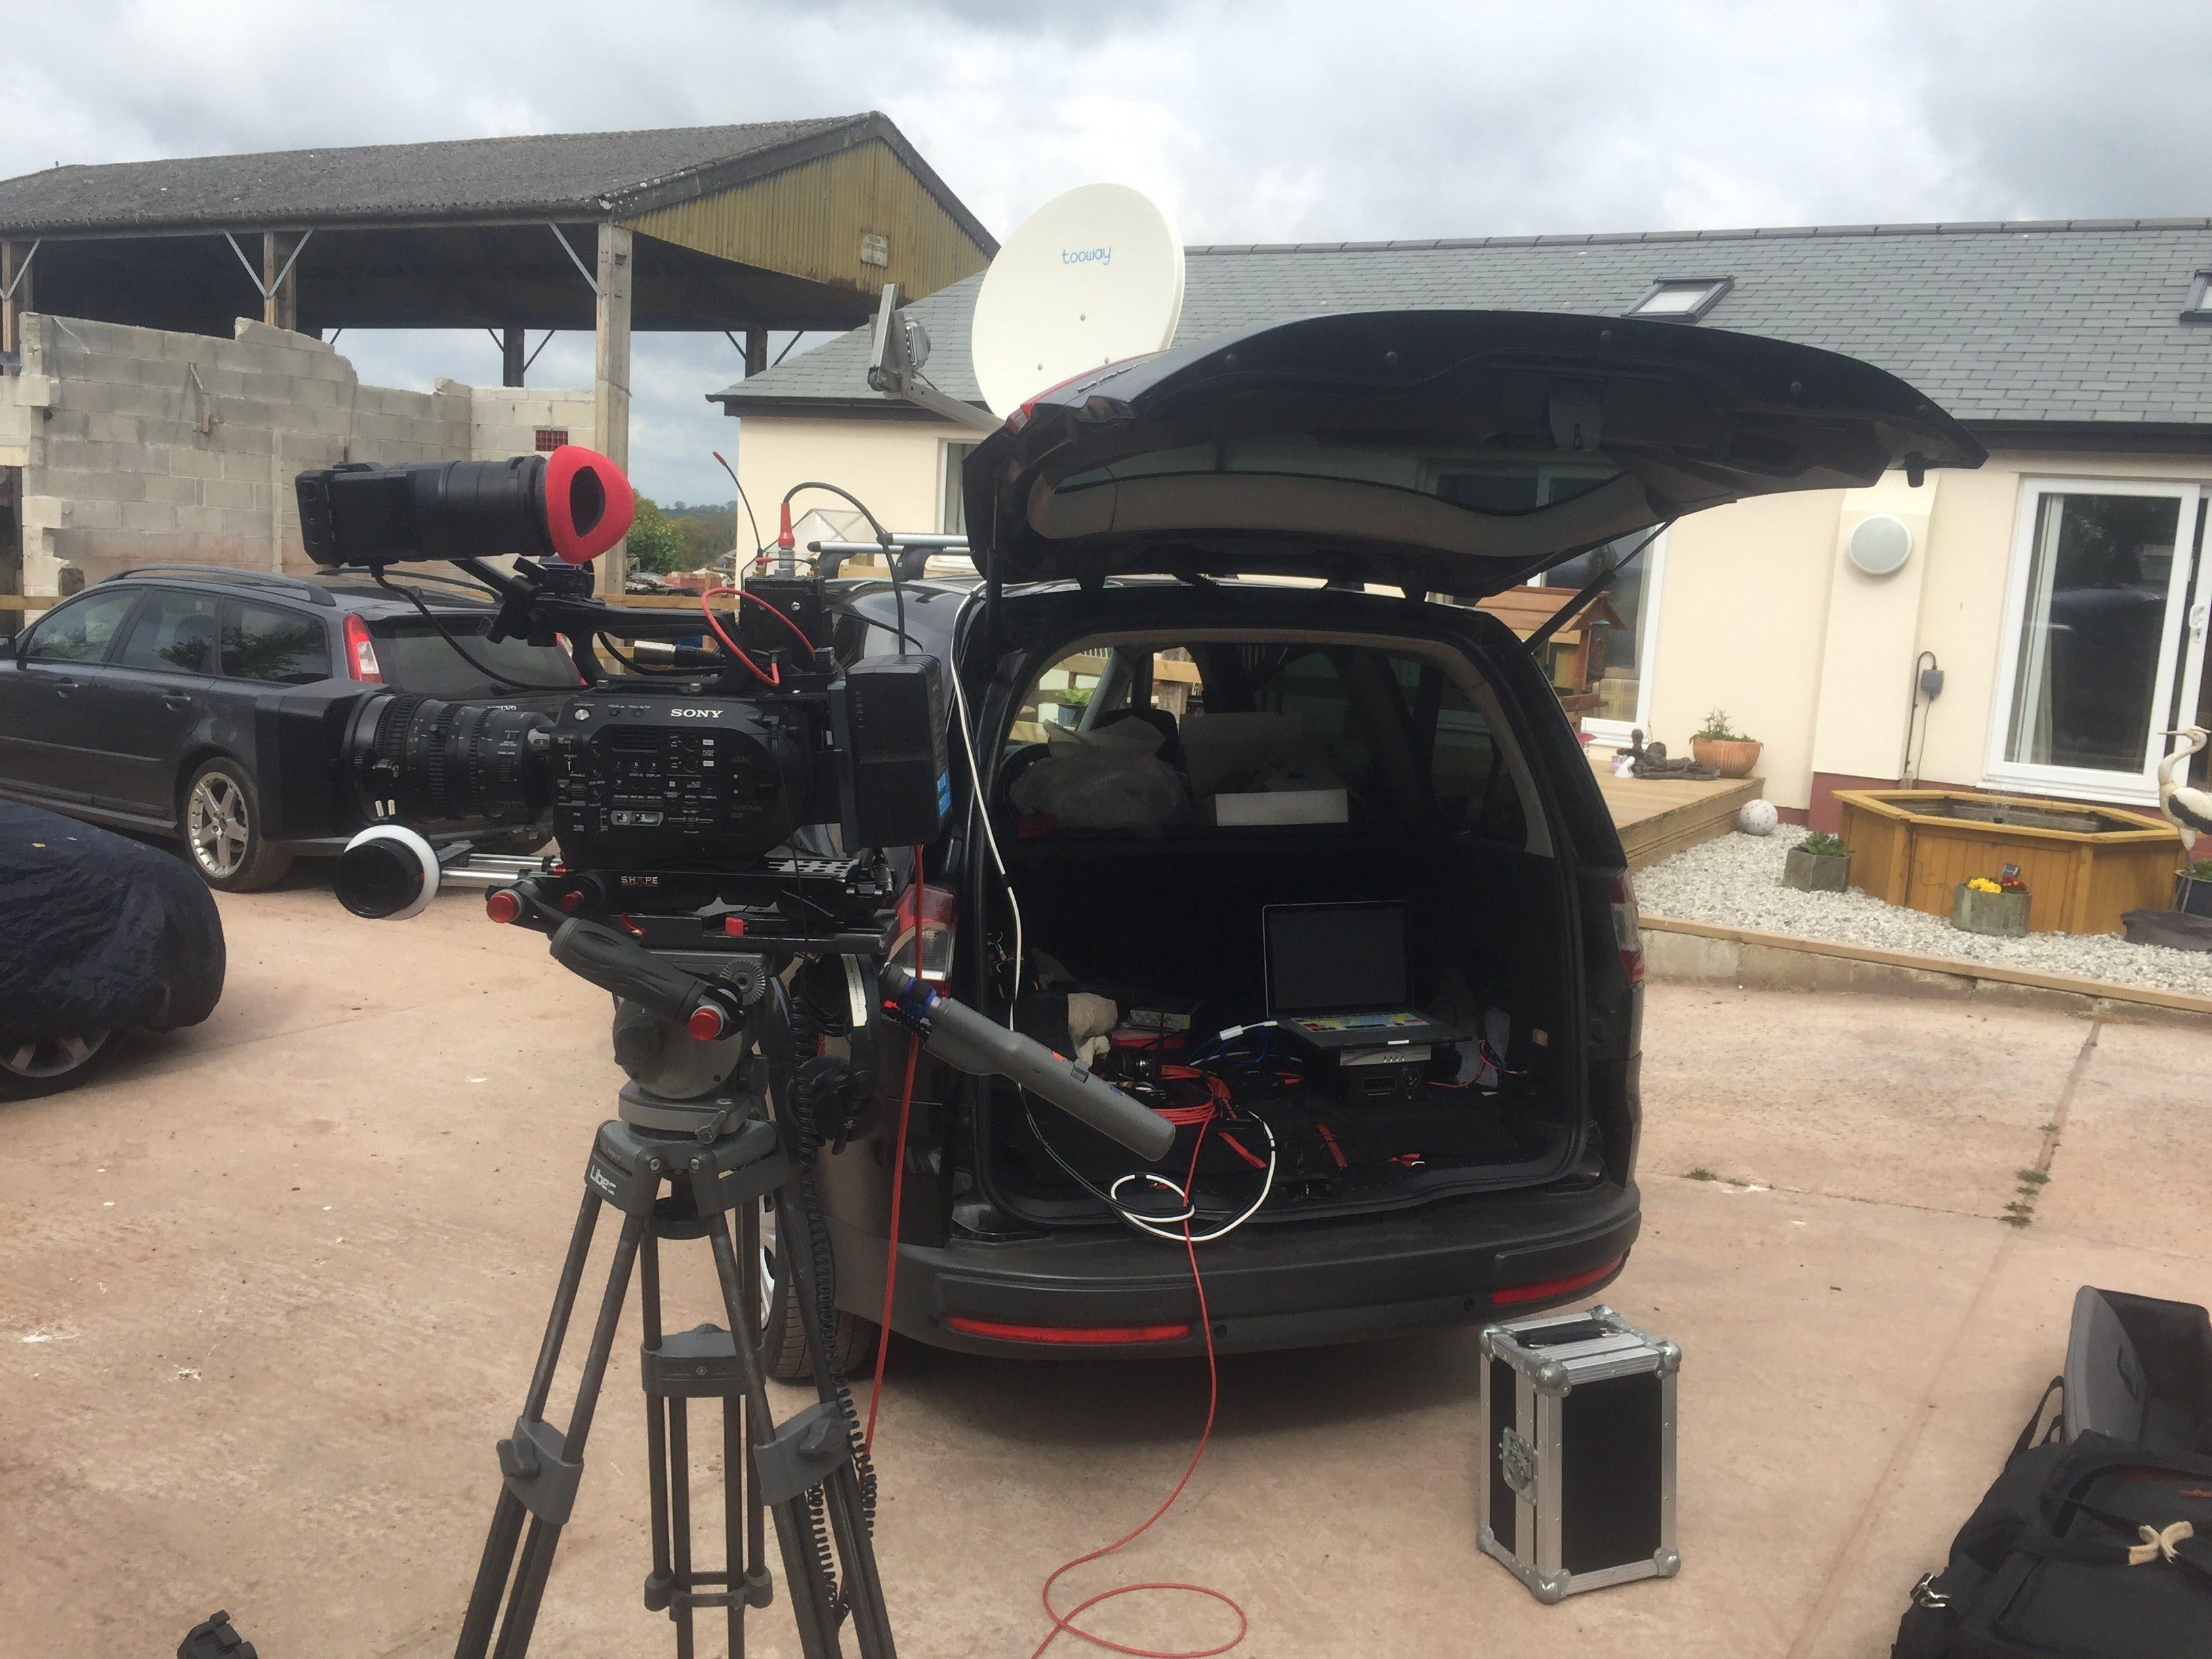 Live TV news Via KA Band Satellite and LiveU